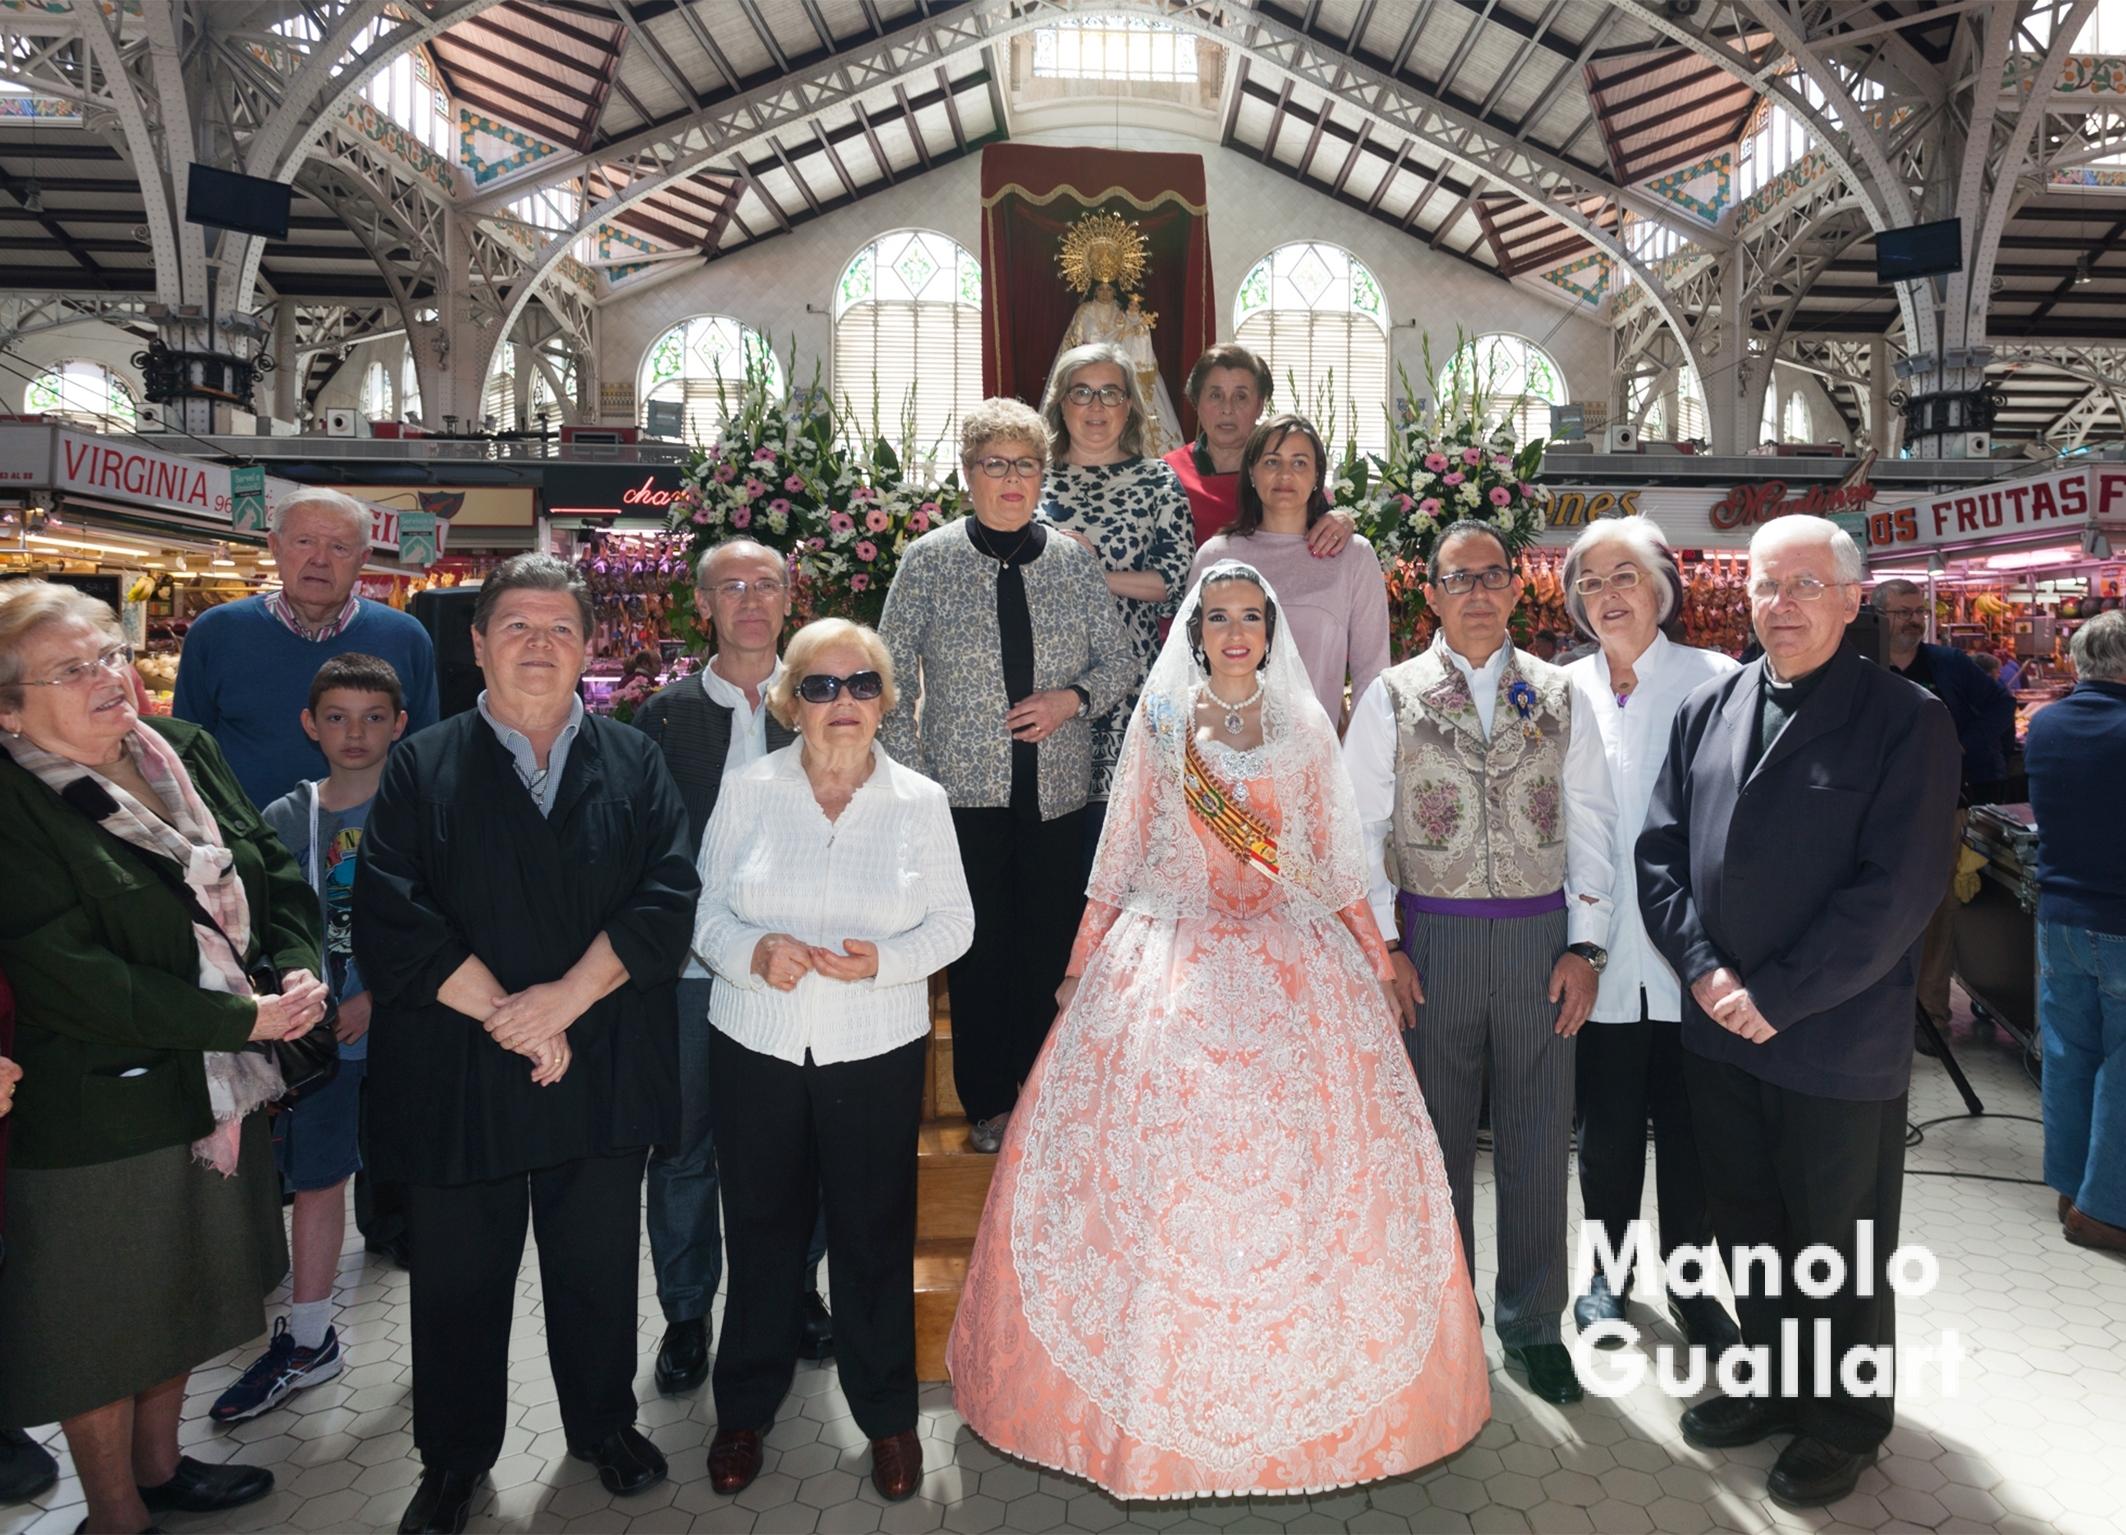 Imagen para el recuerdo tras el homenaje a la Virgen en el Mercado Central de Valencia. Foto de Manolo Guallart.